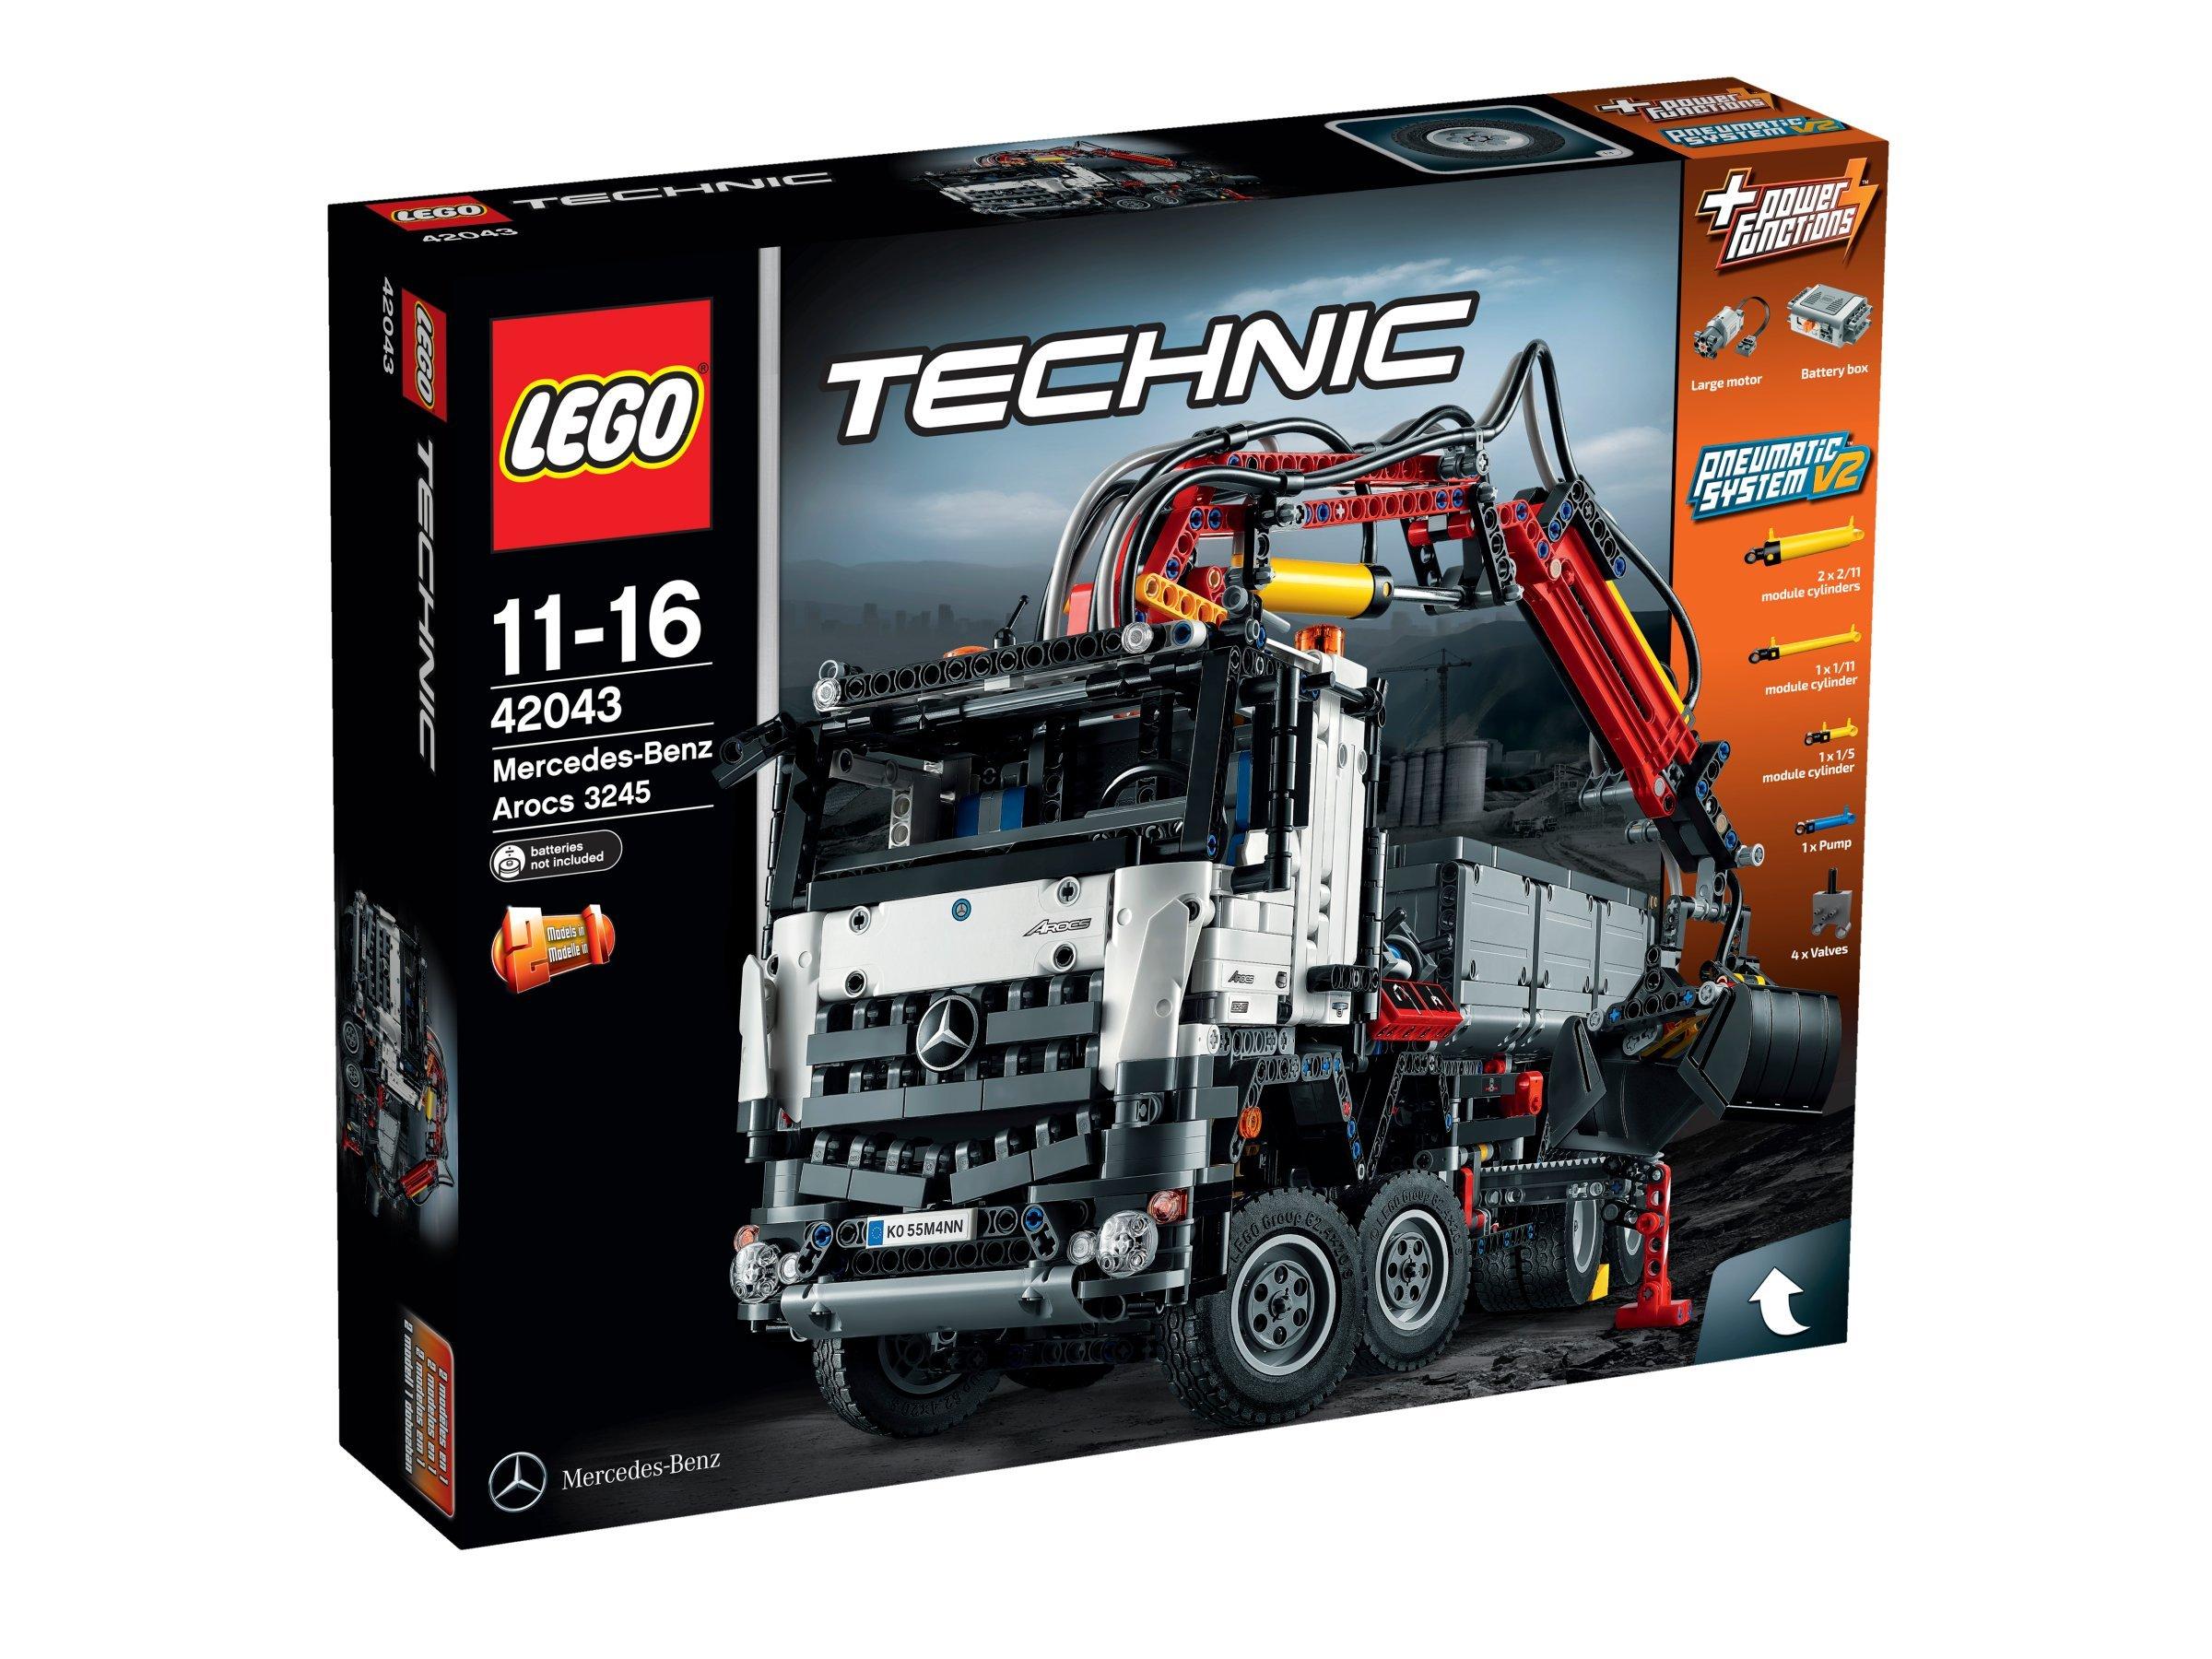 LEGO Technic 42043 – Mercedes-Benz Arocs 3245, Auto-Spielzeug, mit Pneumatik